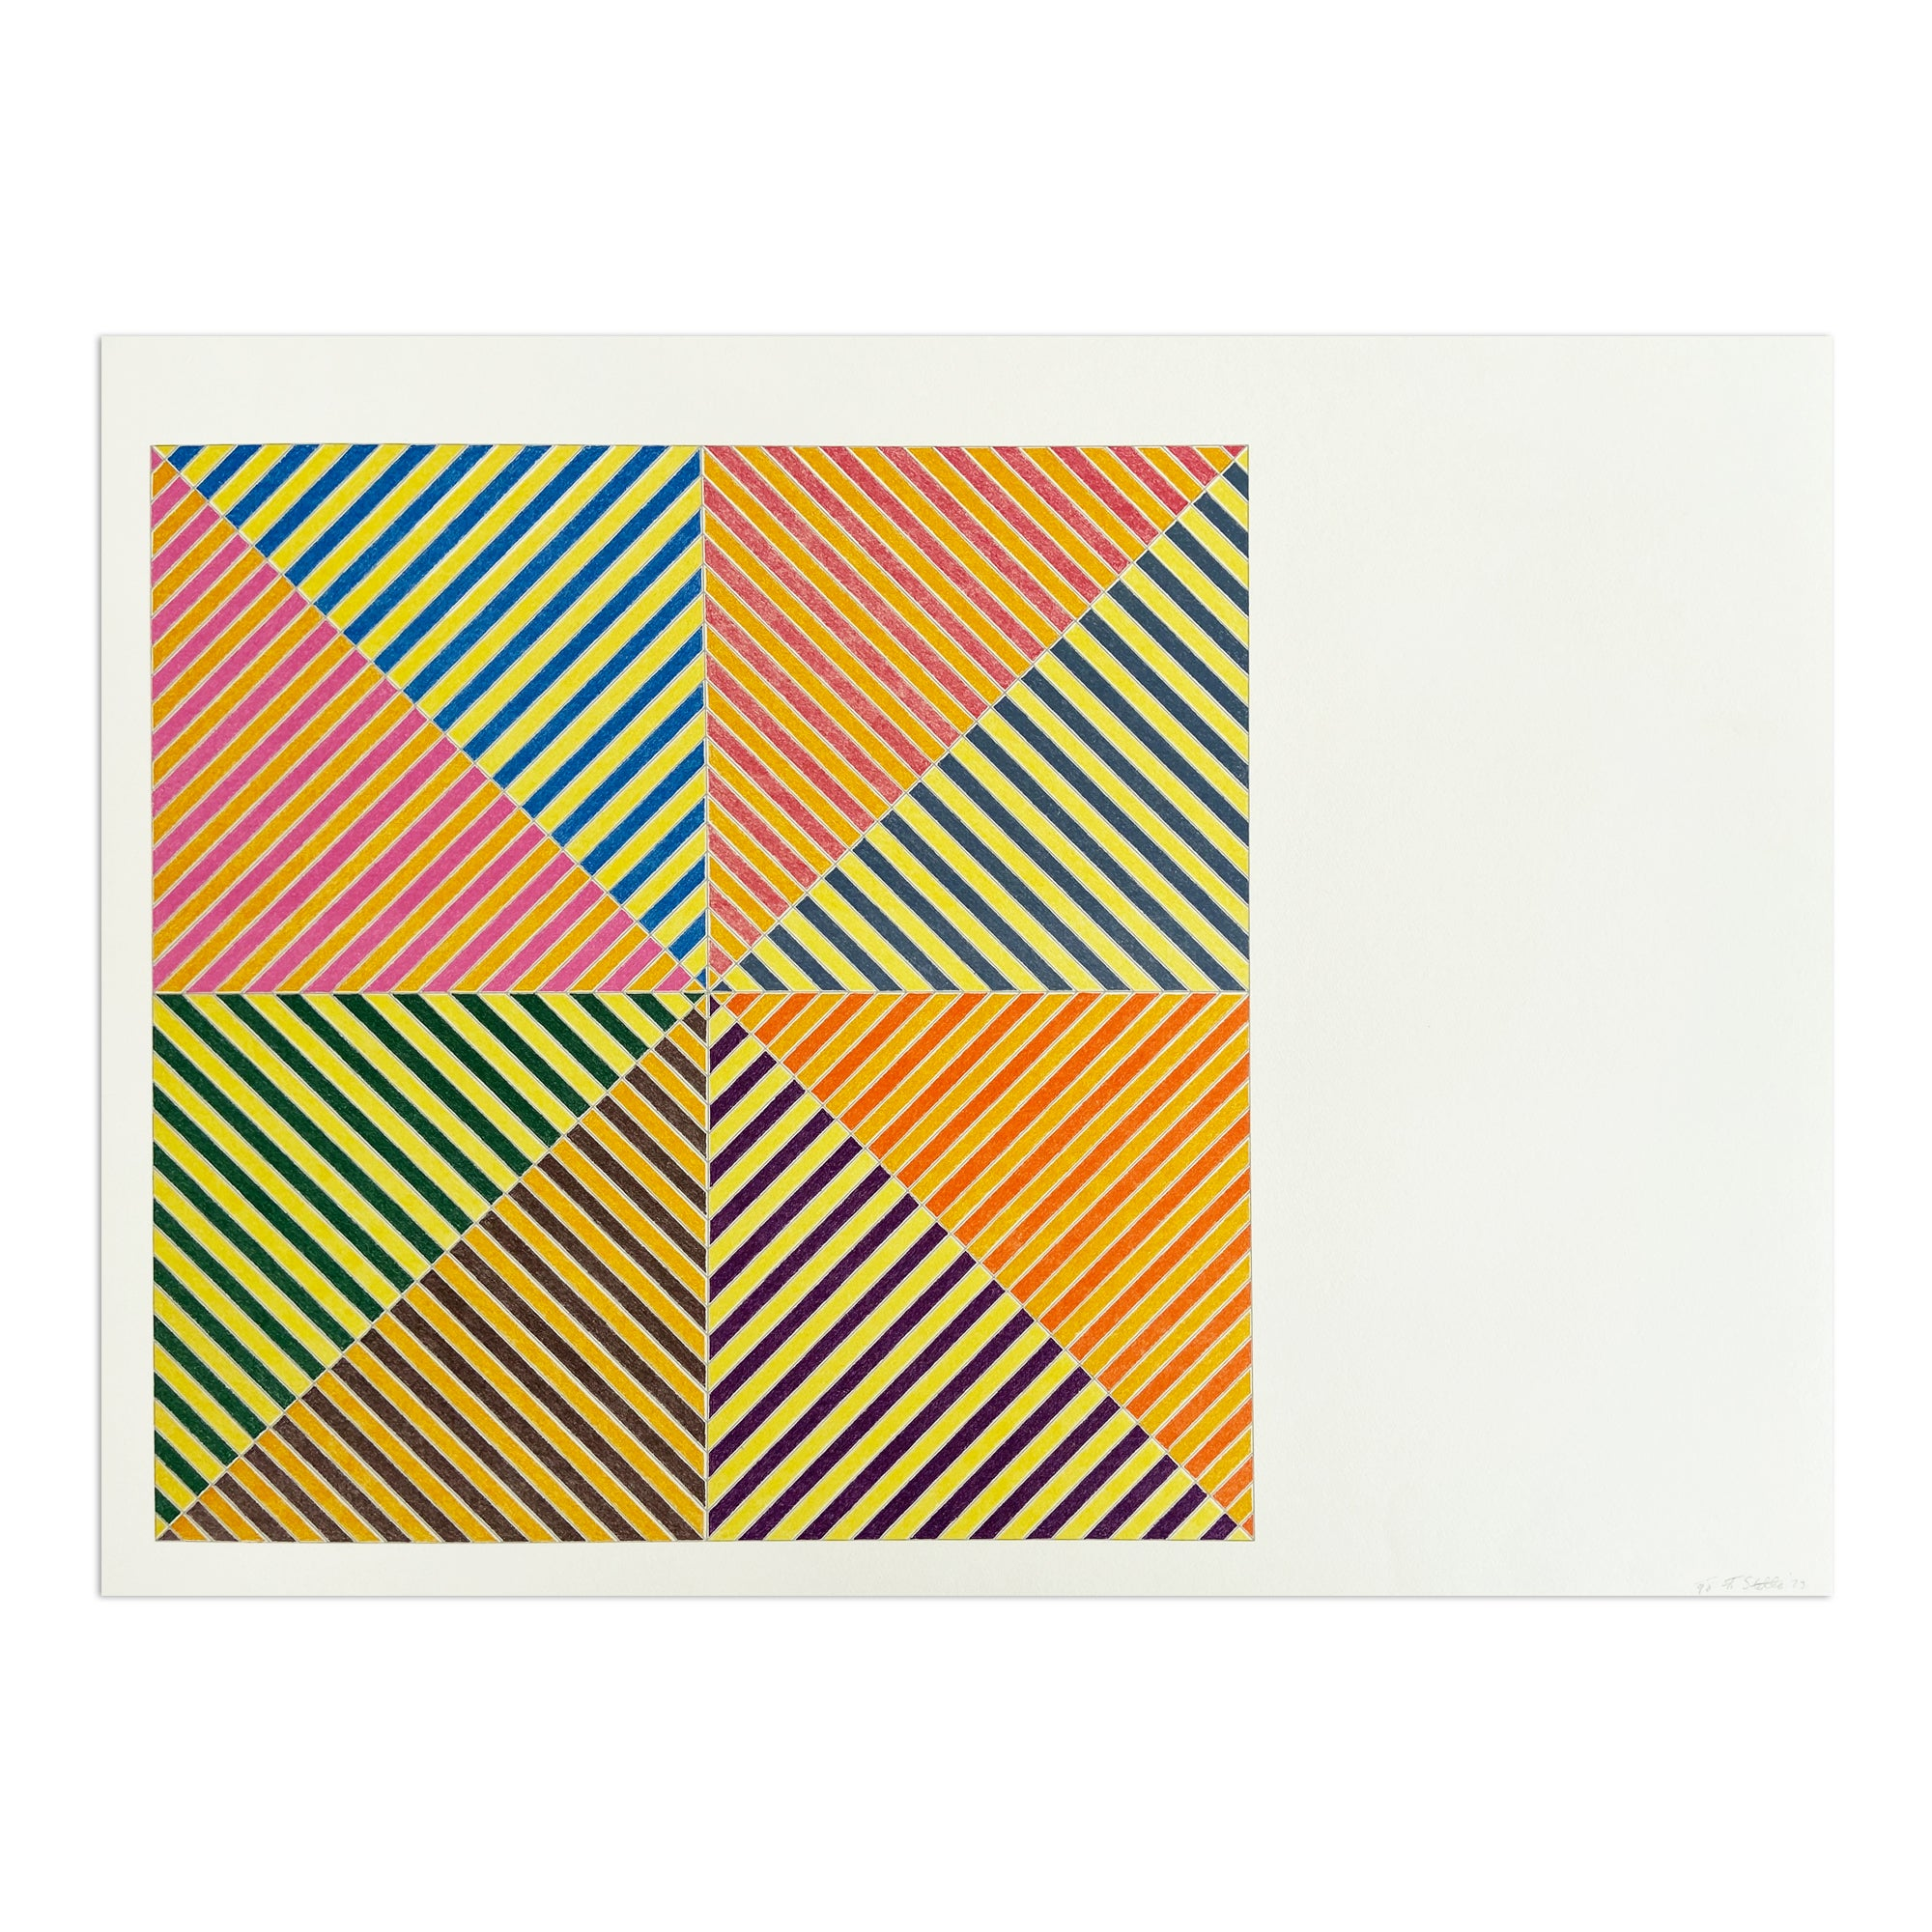 Sidi Ifni, Sidi Ifni (from Hommage à Picasso), Abstract Geometric, Minimalism